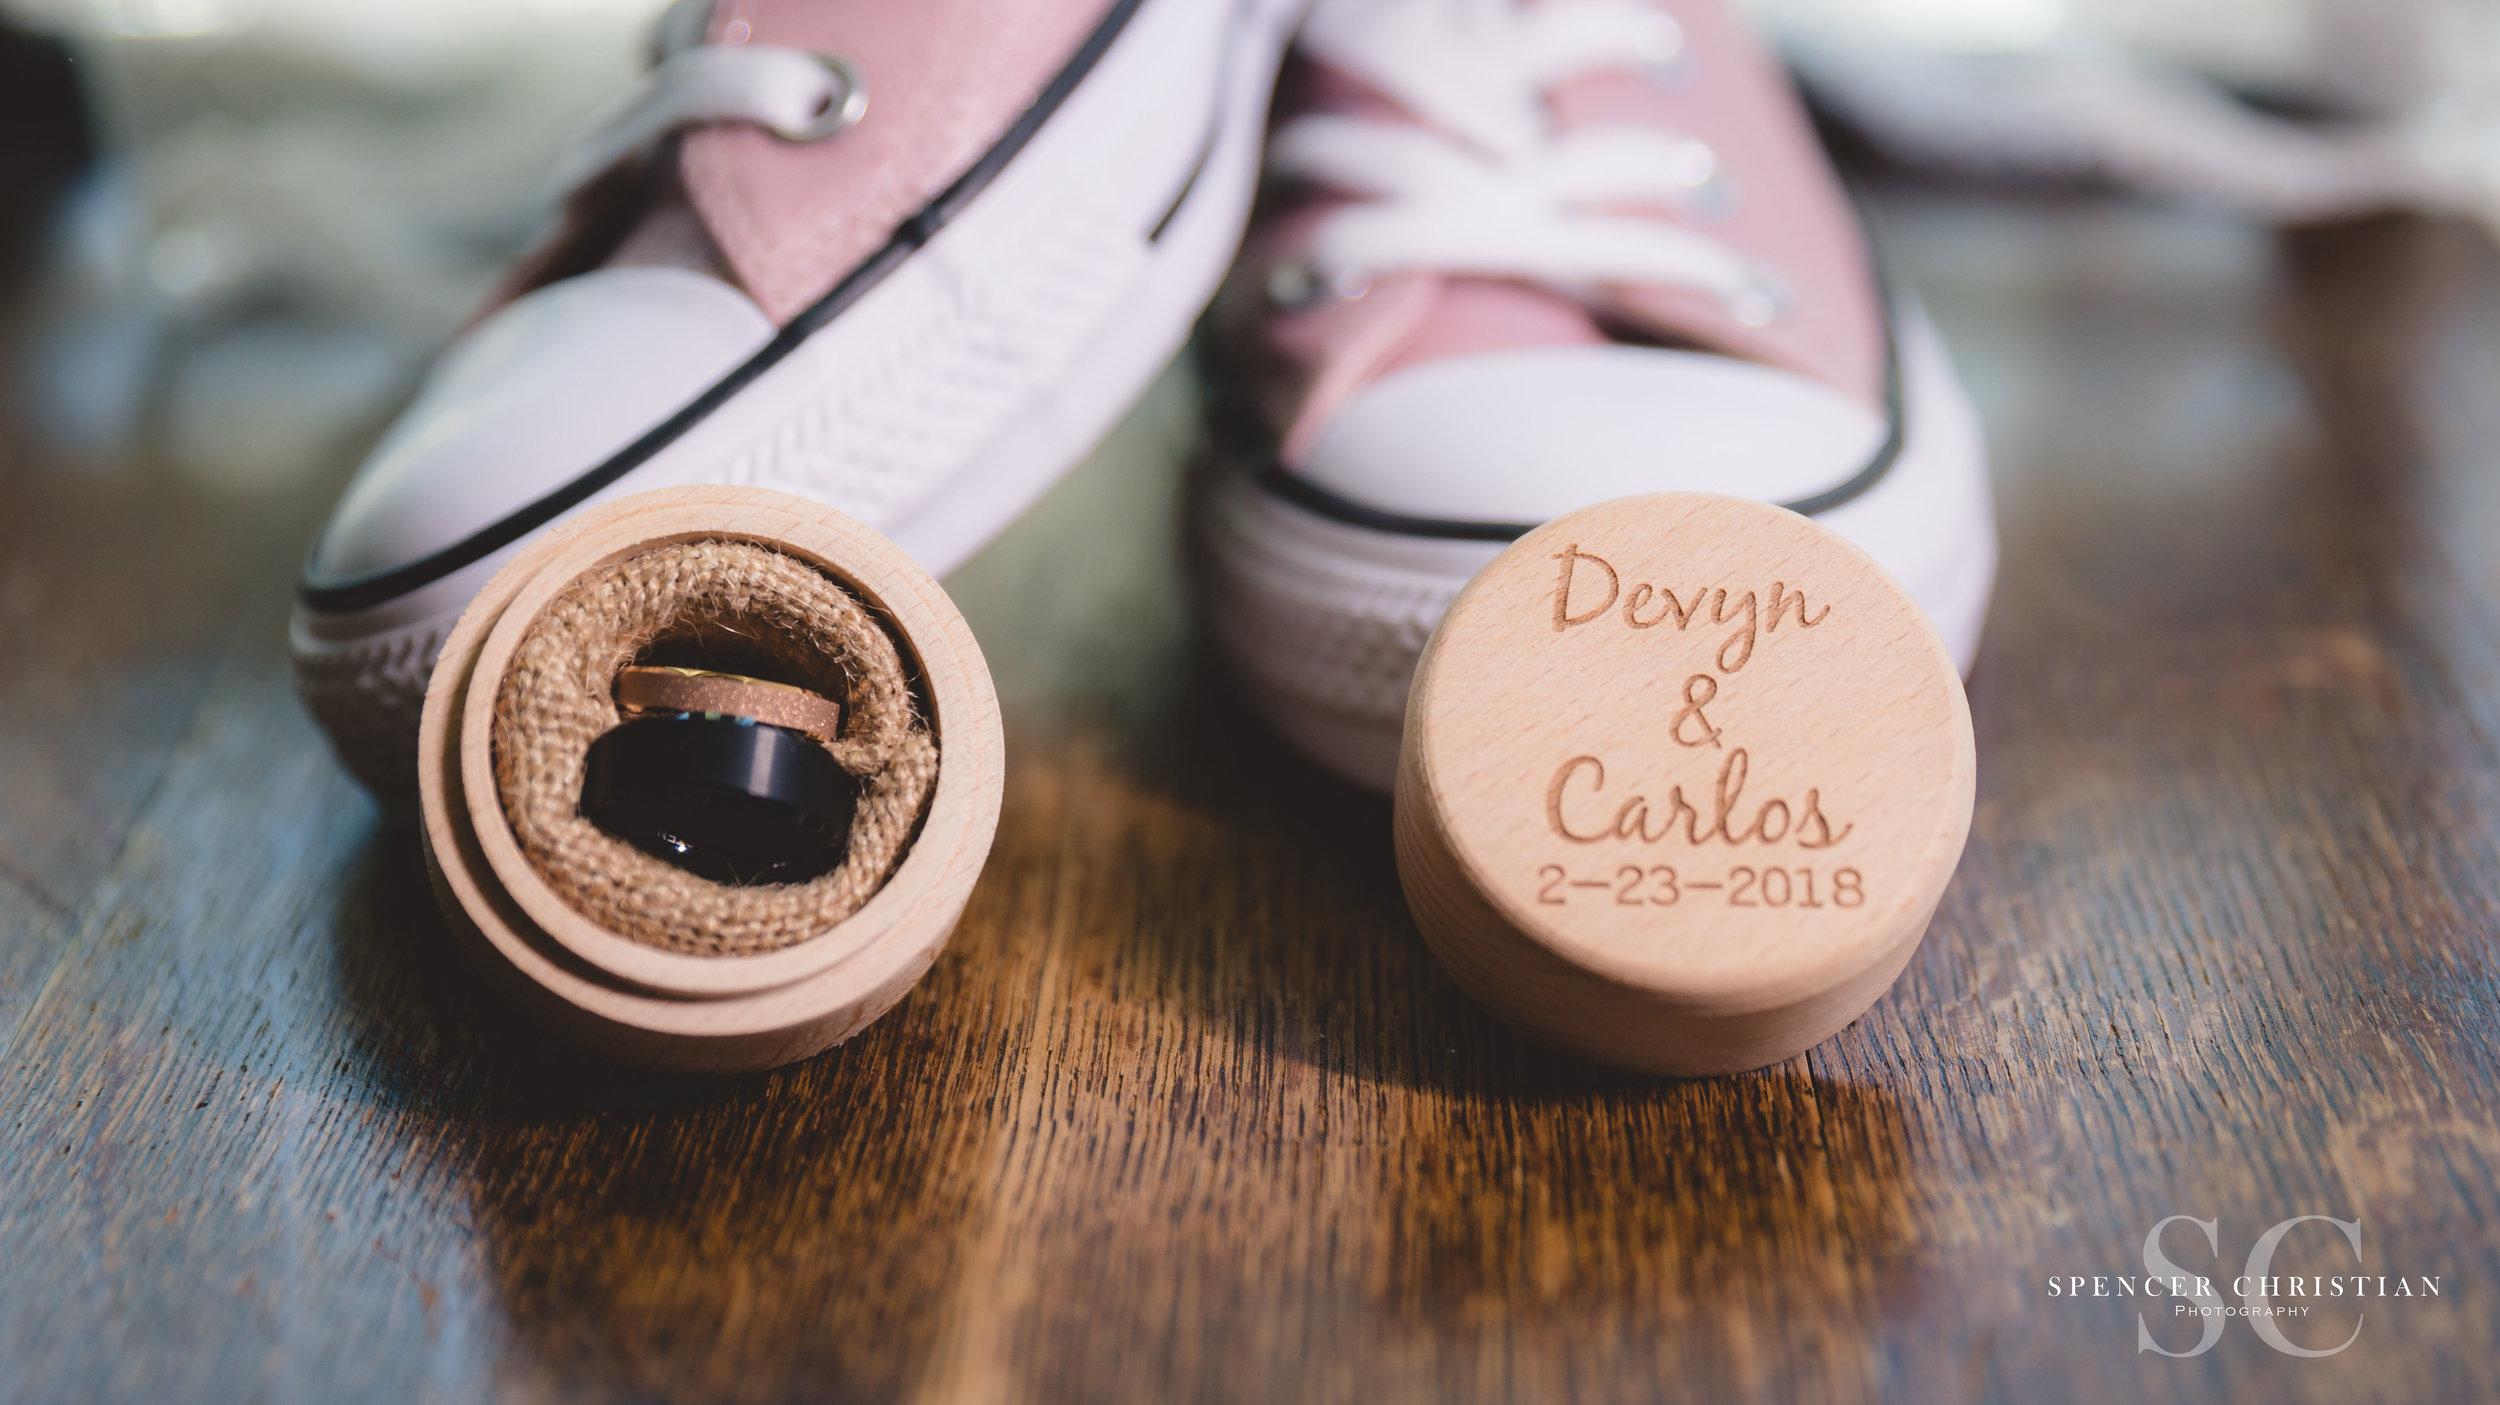 Devyn&CarlosWed-12.jpg